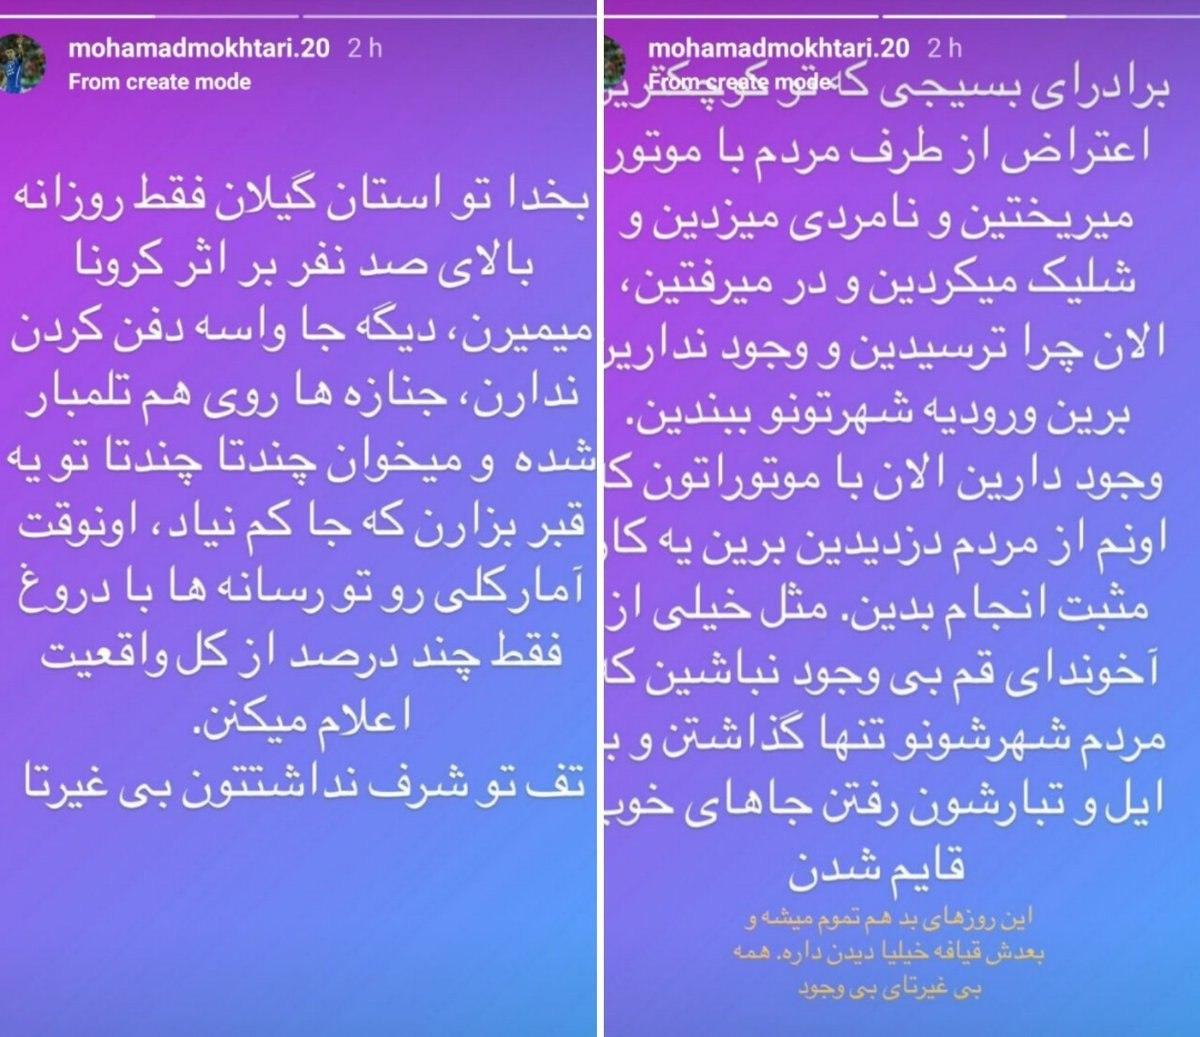 """""""استوری محمد مختاری کاپیتان #د … 757343001583886604"""